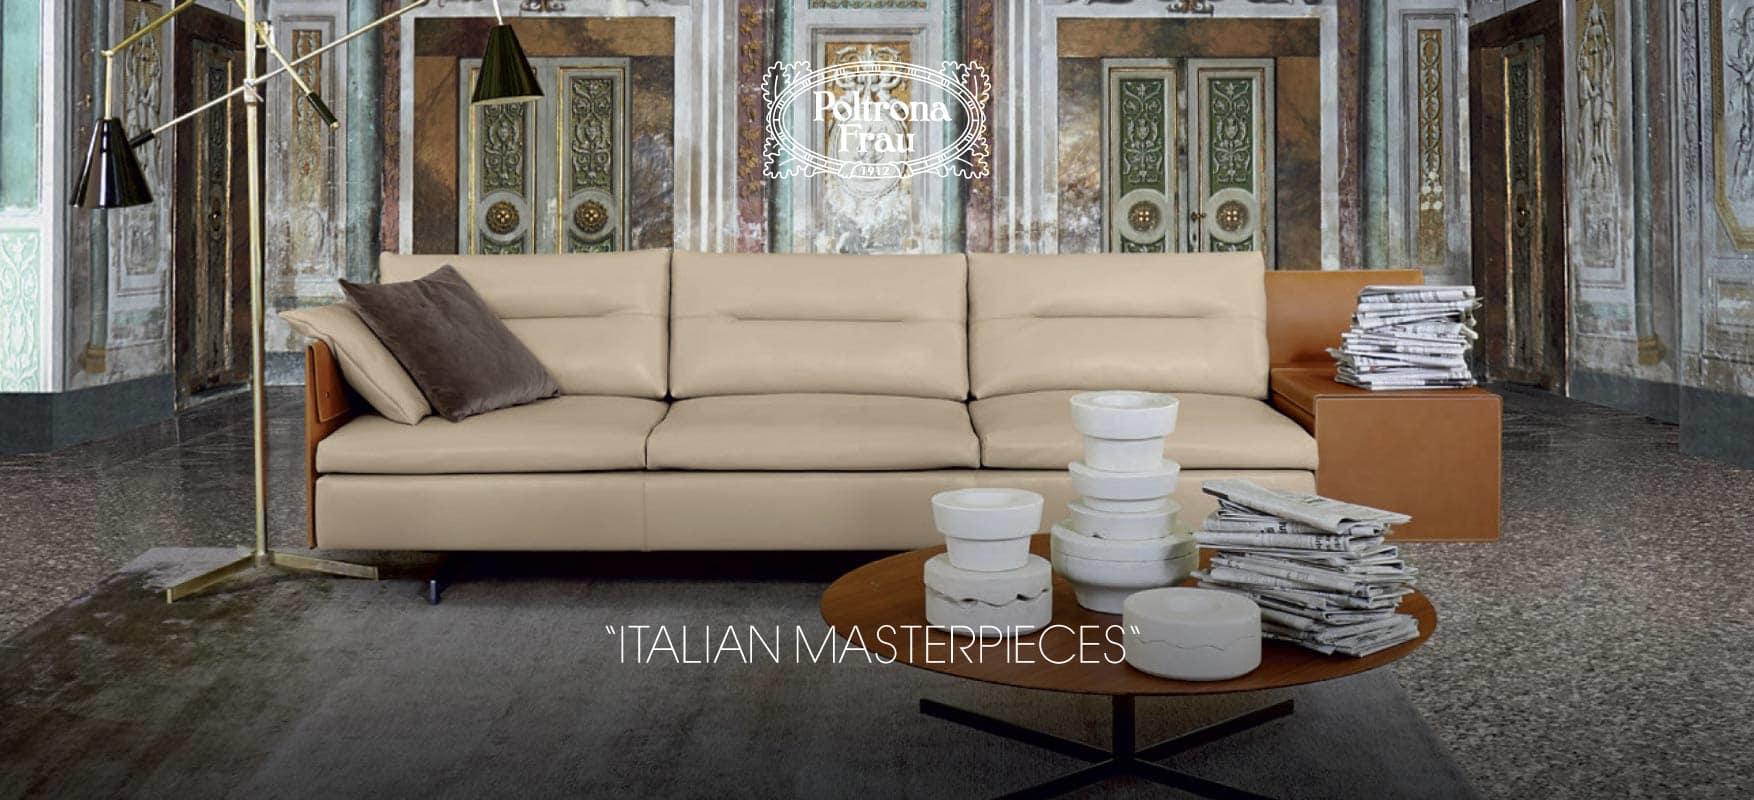 Lo shop online per il design e l 39 arredamento for Shopping online arredamento